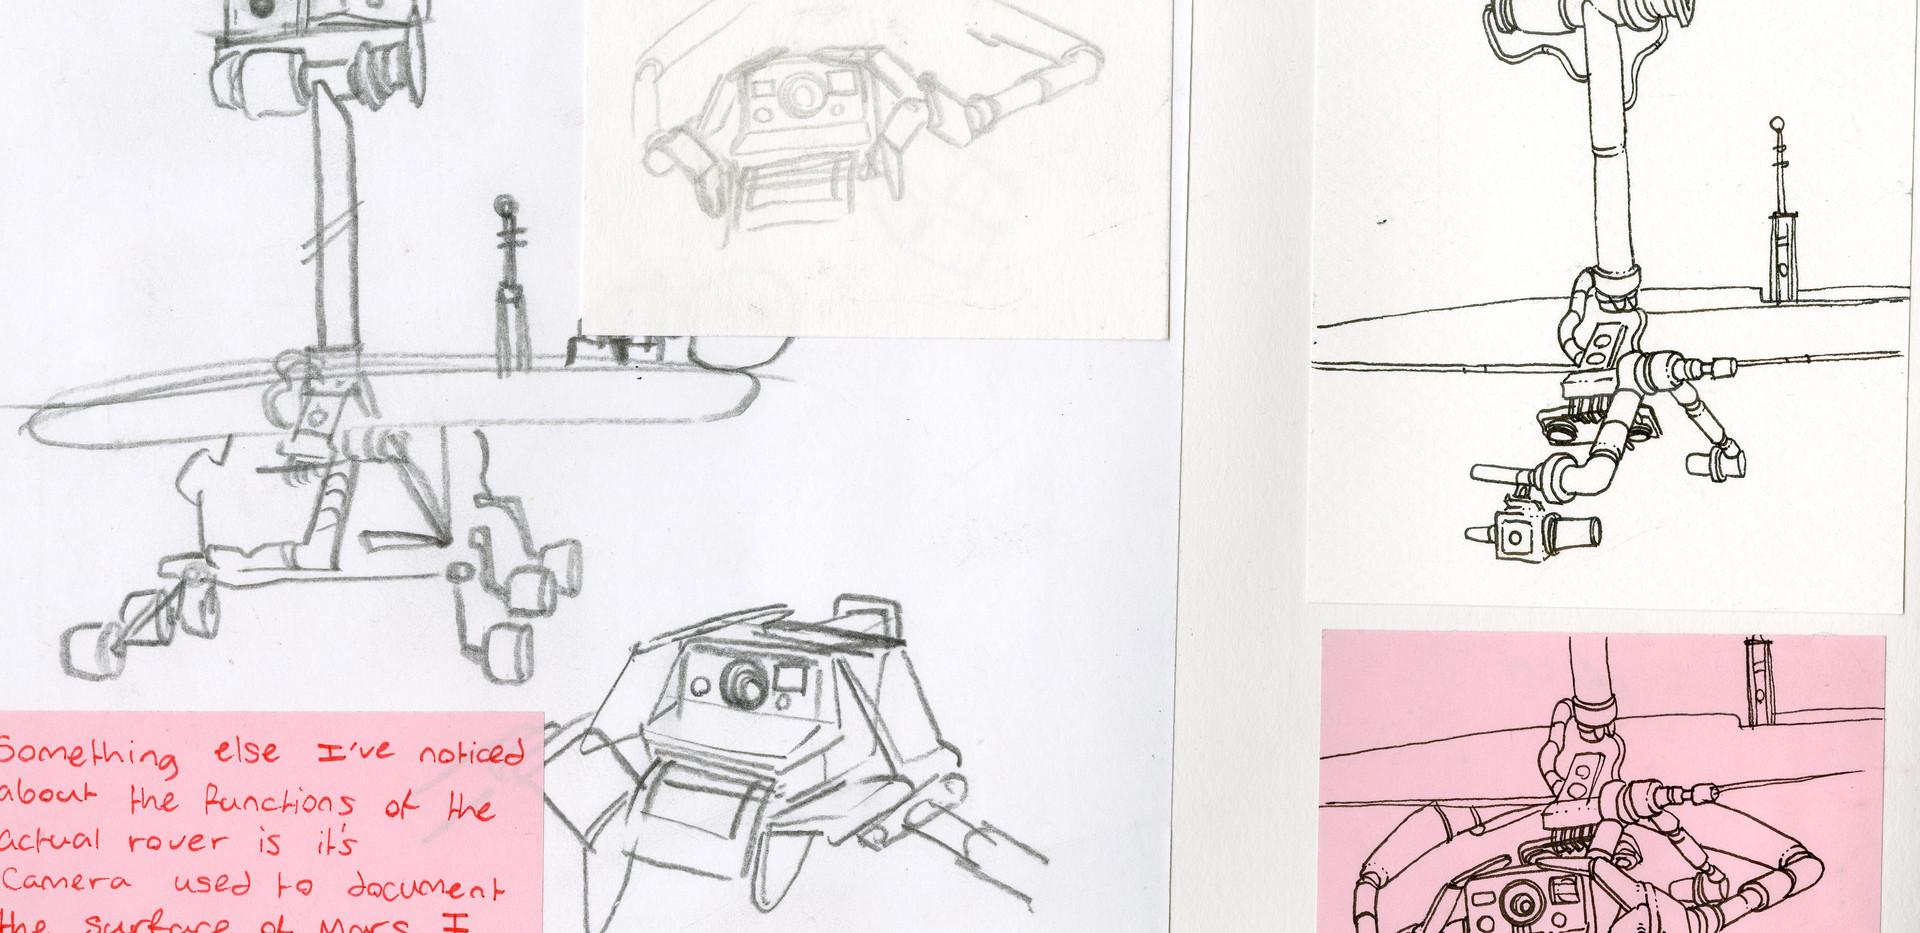 Oppy Design 2